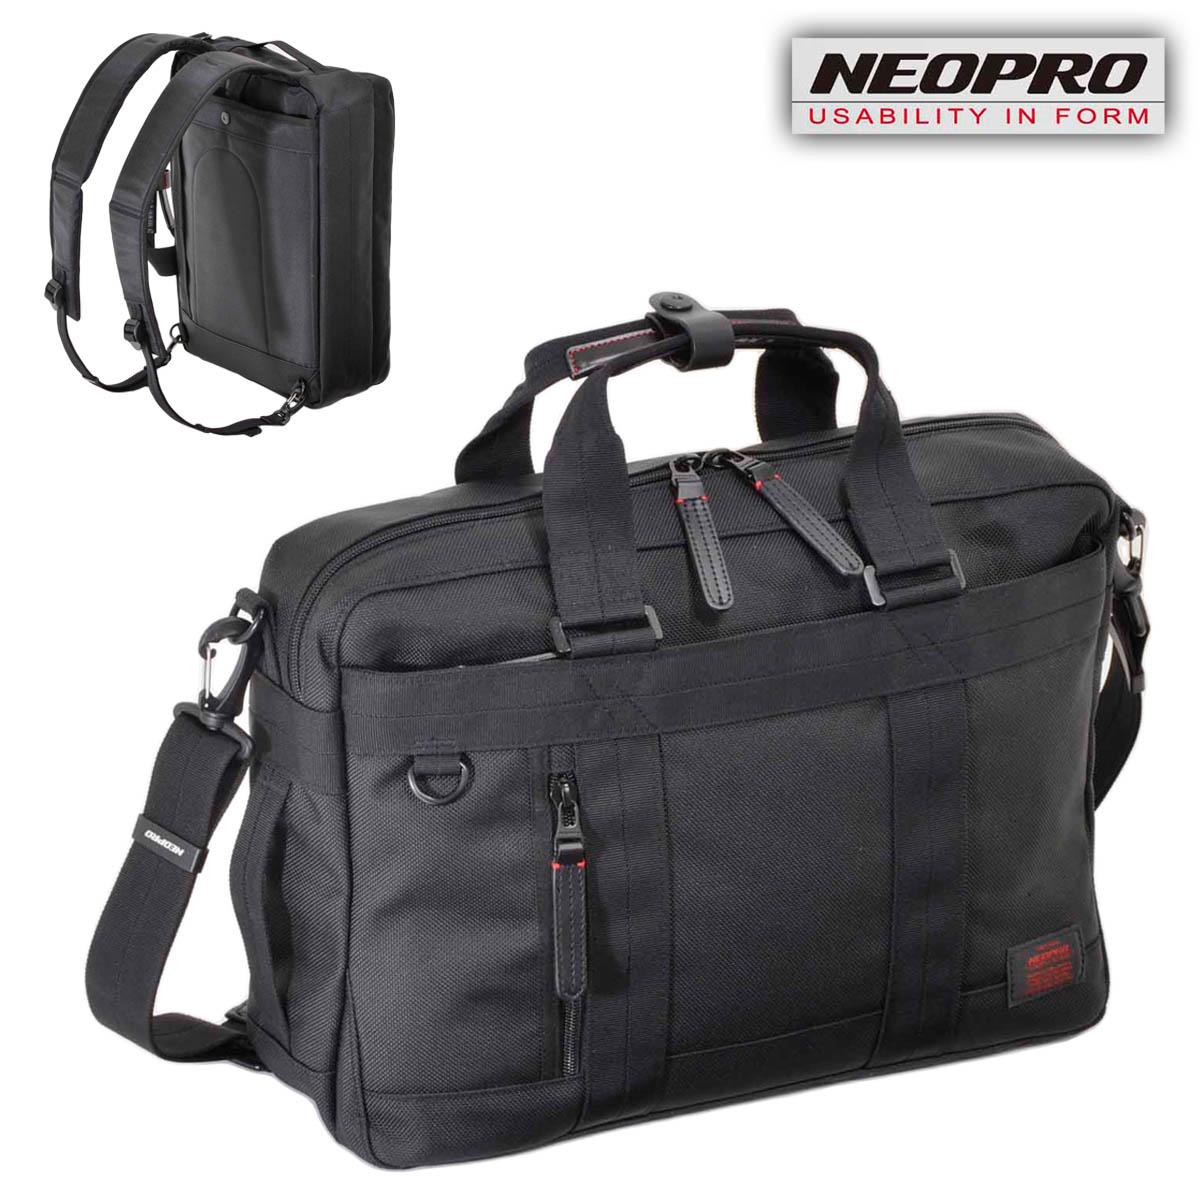 ビジネスバッグ NEOPRO RED ネオプロ No:2-038 縦型 3Way すっきり シングルルーム メンズ レディース A4 ファイル ノートPC 対応 軽量 多機能 通勤 通学 就活 エンドー鞄